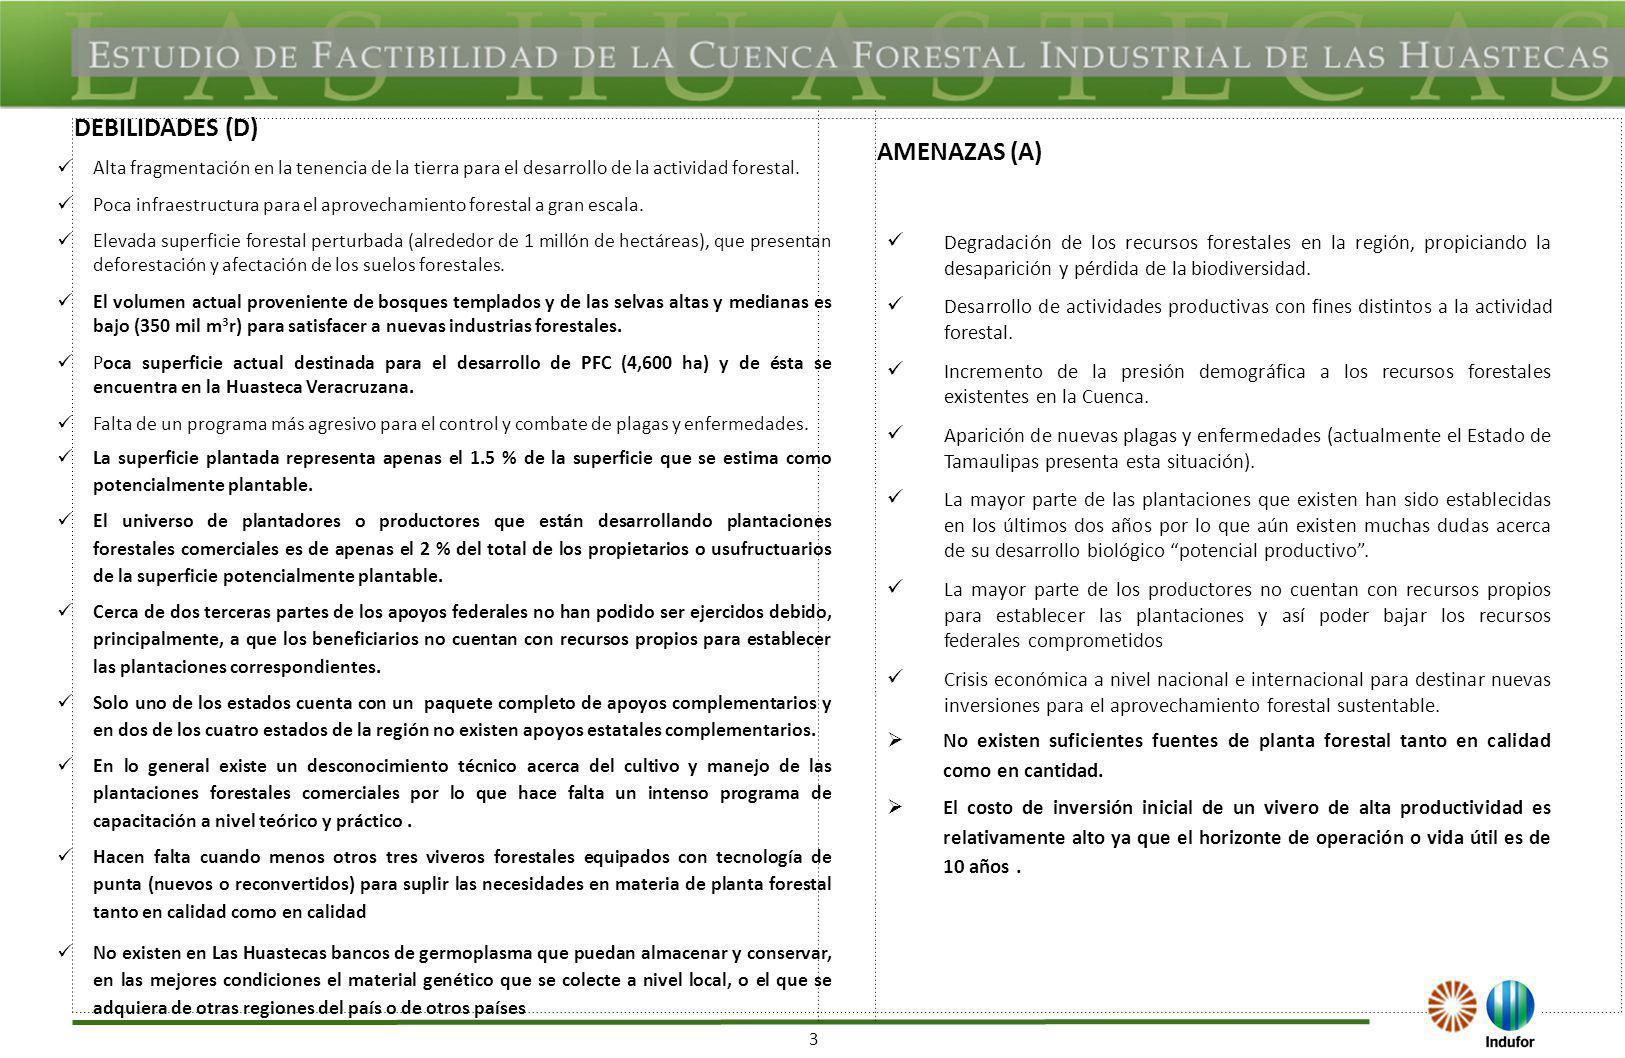 24 FODAS ESTATALES HIDALGO FORTALEZAS (F) OPORTUNIDADES (O) Estrategias y líneas de acción bien definidas en el Programa Estratégico de Desarrollo Forestal.